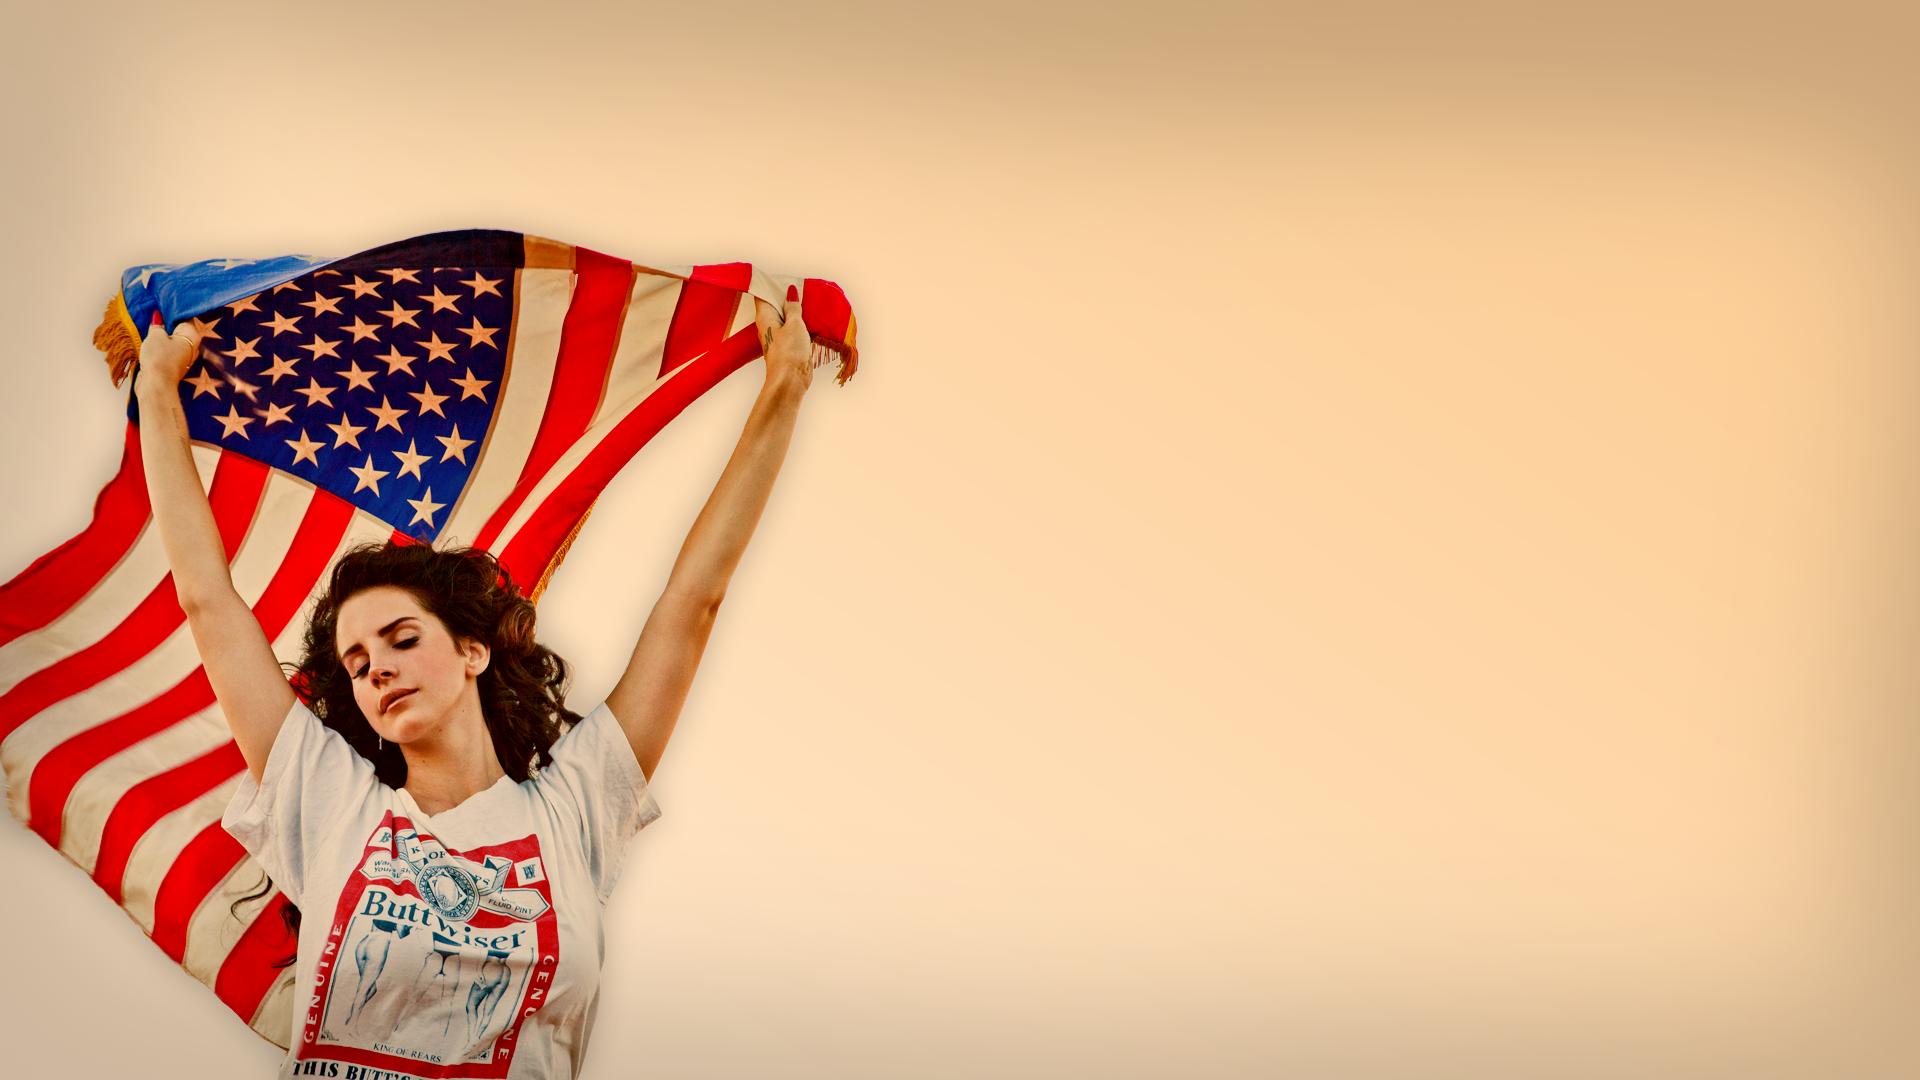 Lana Del Rey Wallpapers File Name Lana Del Rey Desktop Wallpaper